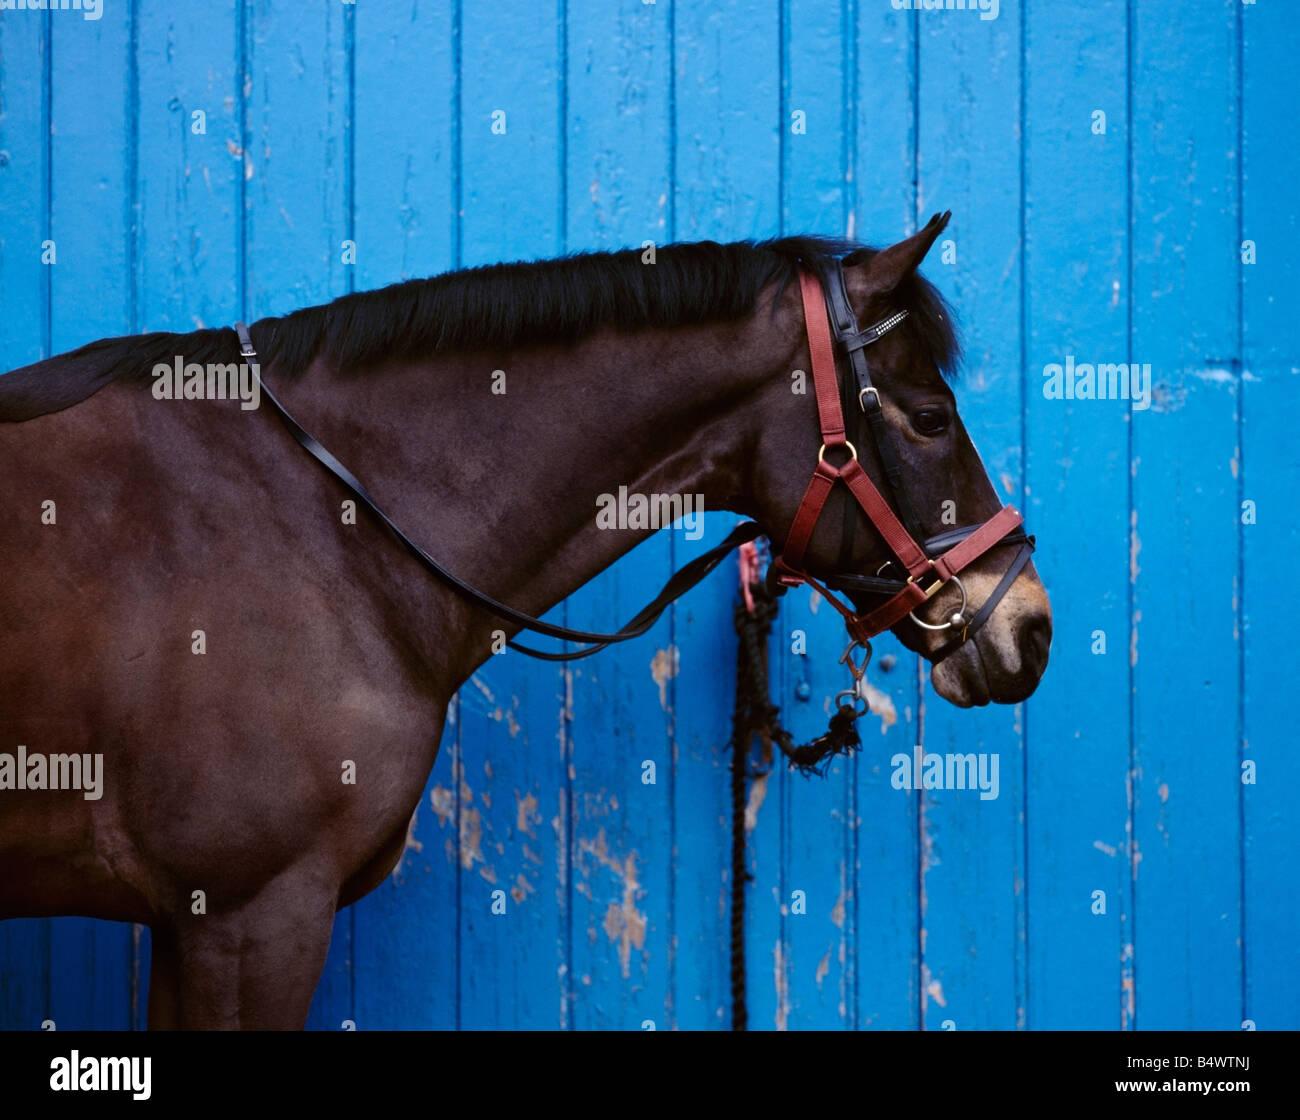 Une couleur couleur d'un cheval alezan en permanent contre un profil de mur en bois peint en bleu Photo Stock